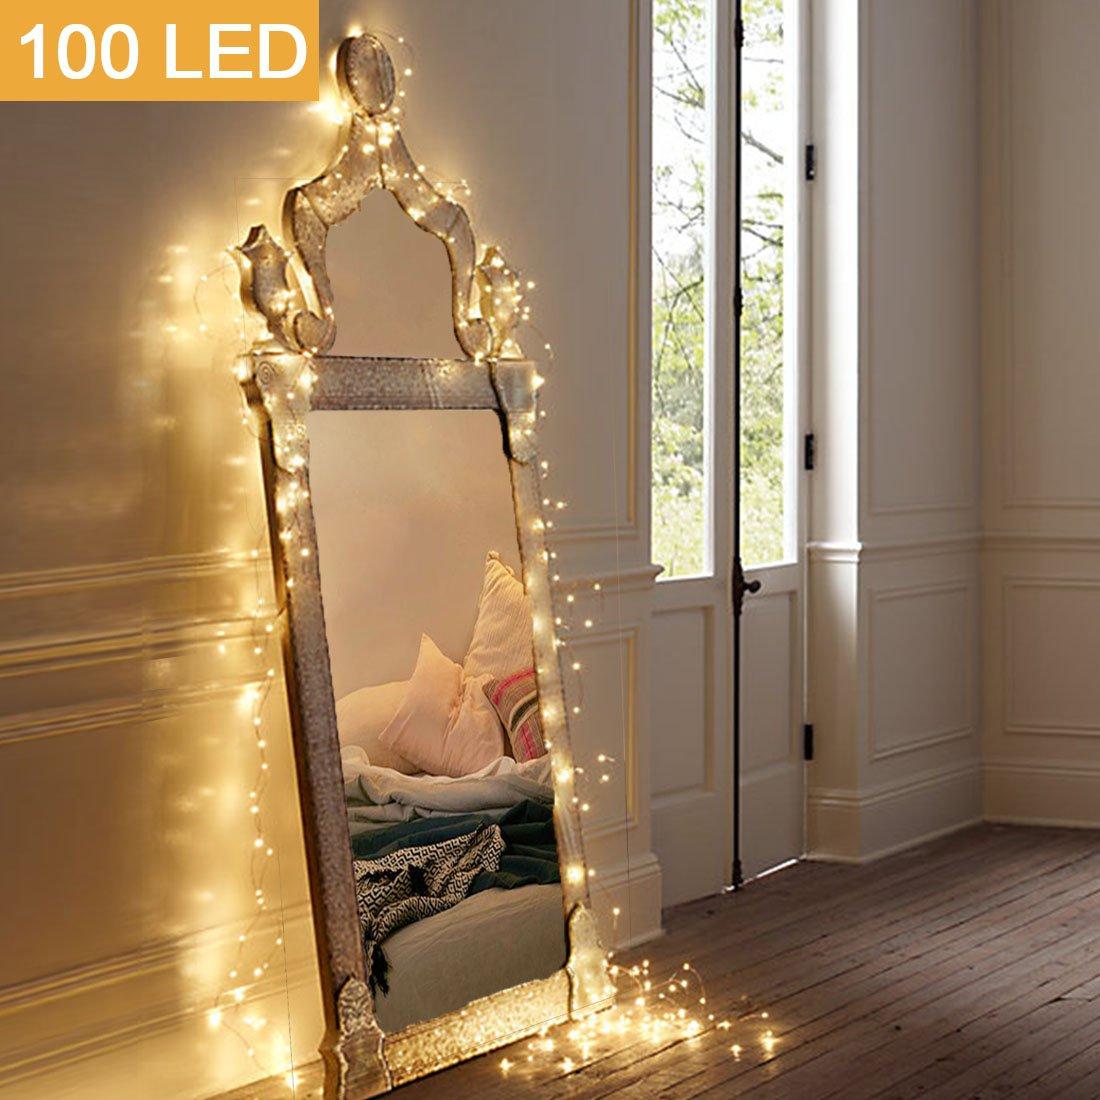 MOVEONSTEP Luci Stringa Impermeabili 100 LED Funzionamento a Batterie Luci Fatate 11M 8 Modalità Festa di Natale Natalizia Decorazione di Halloween Illuminazione-Bianco Caldo